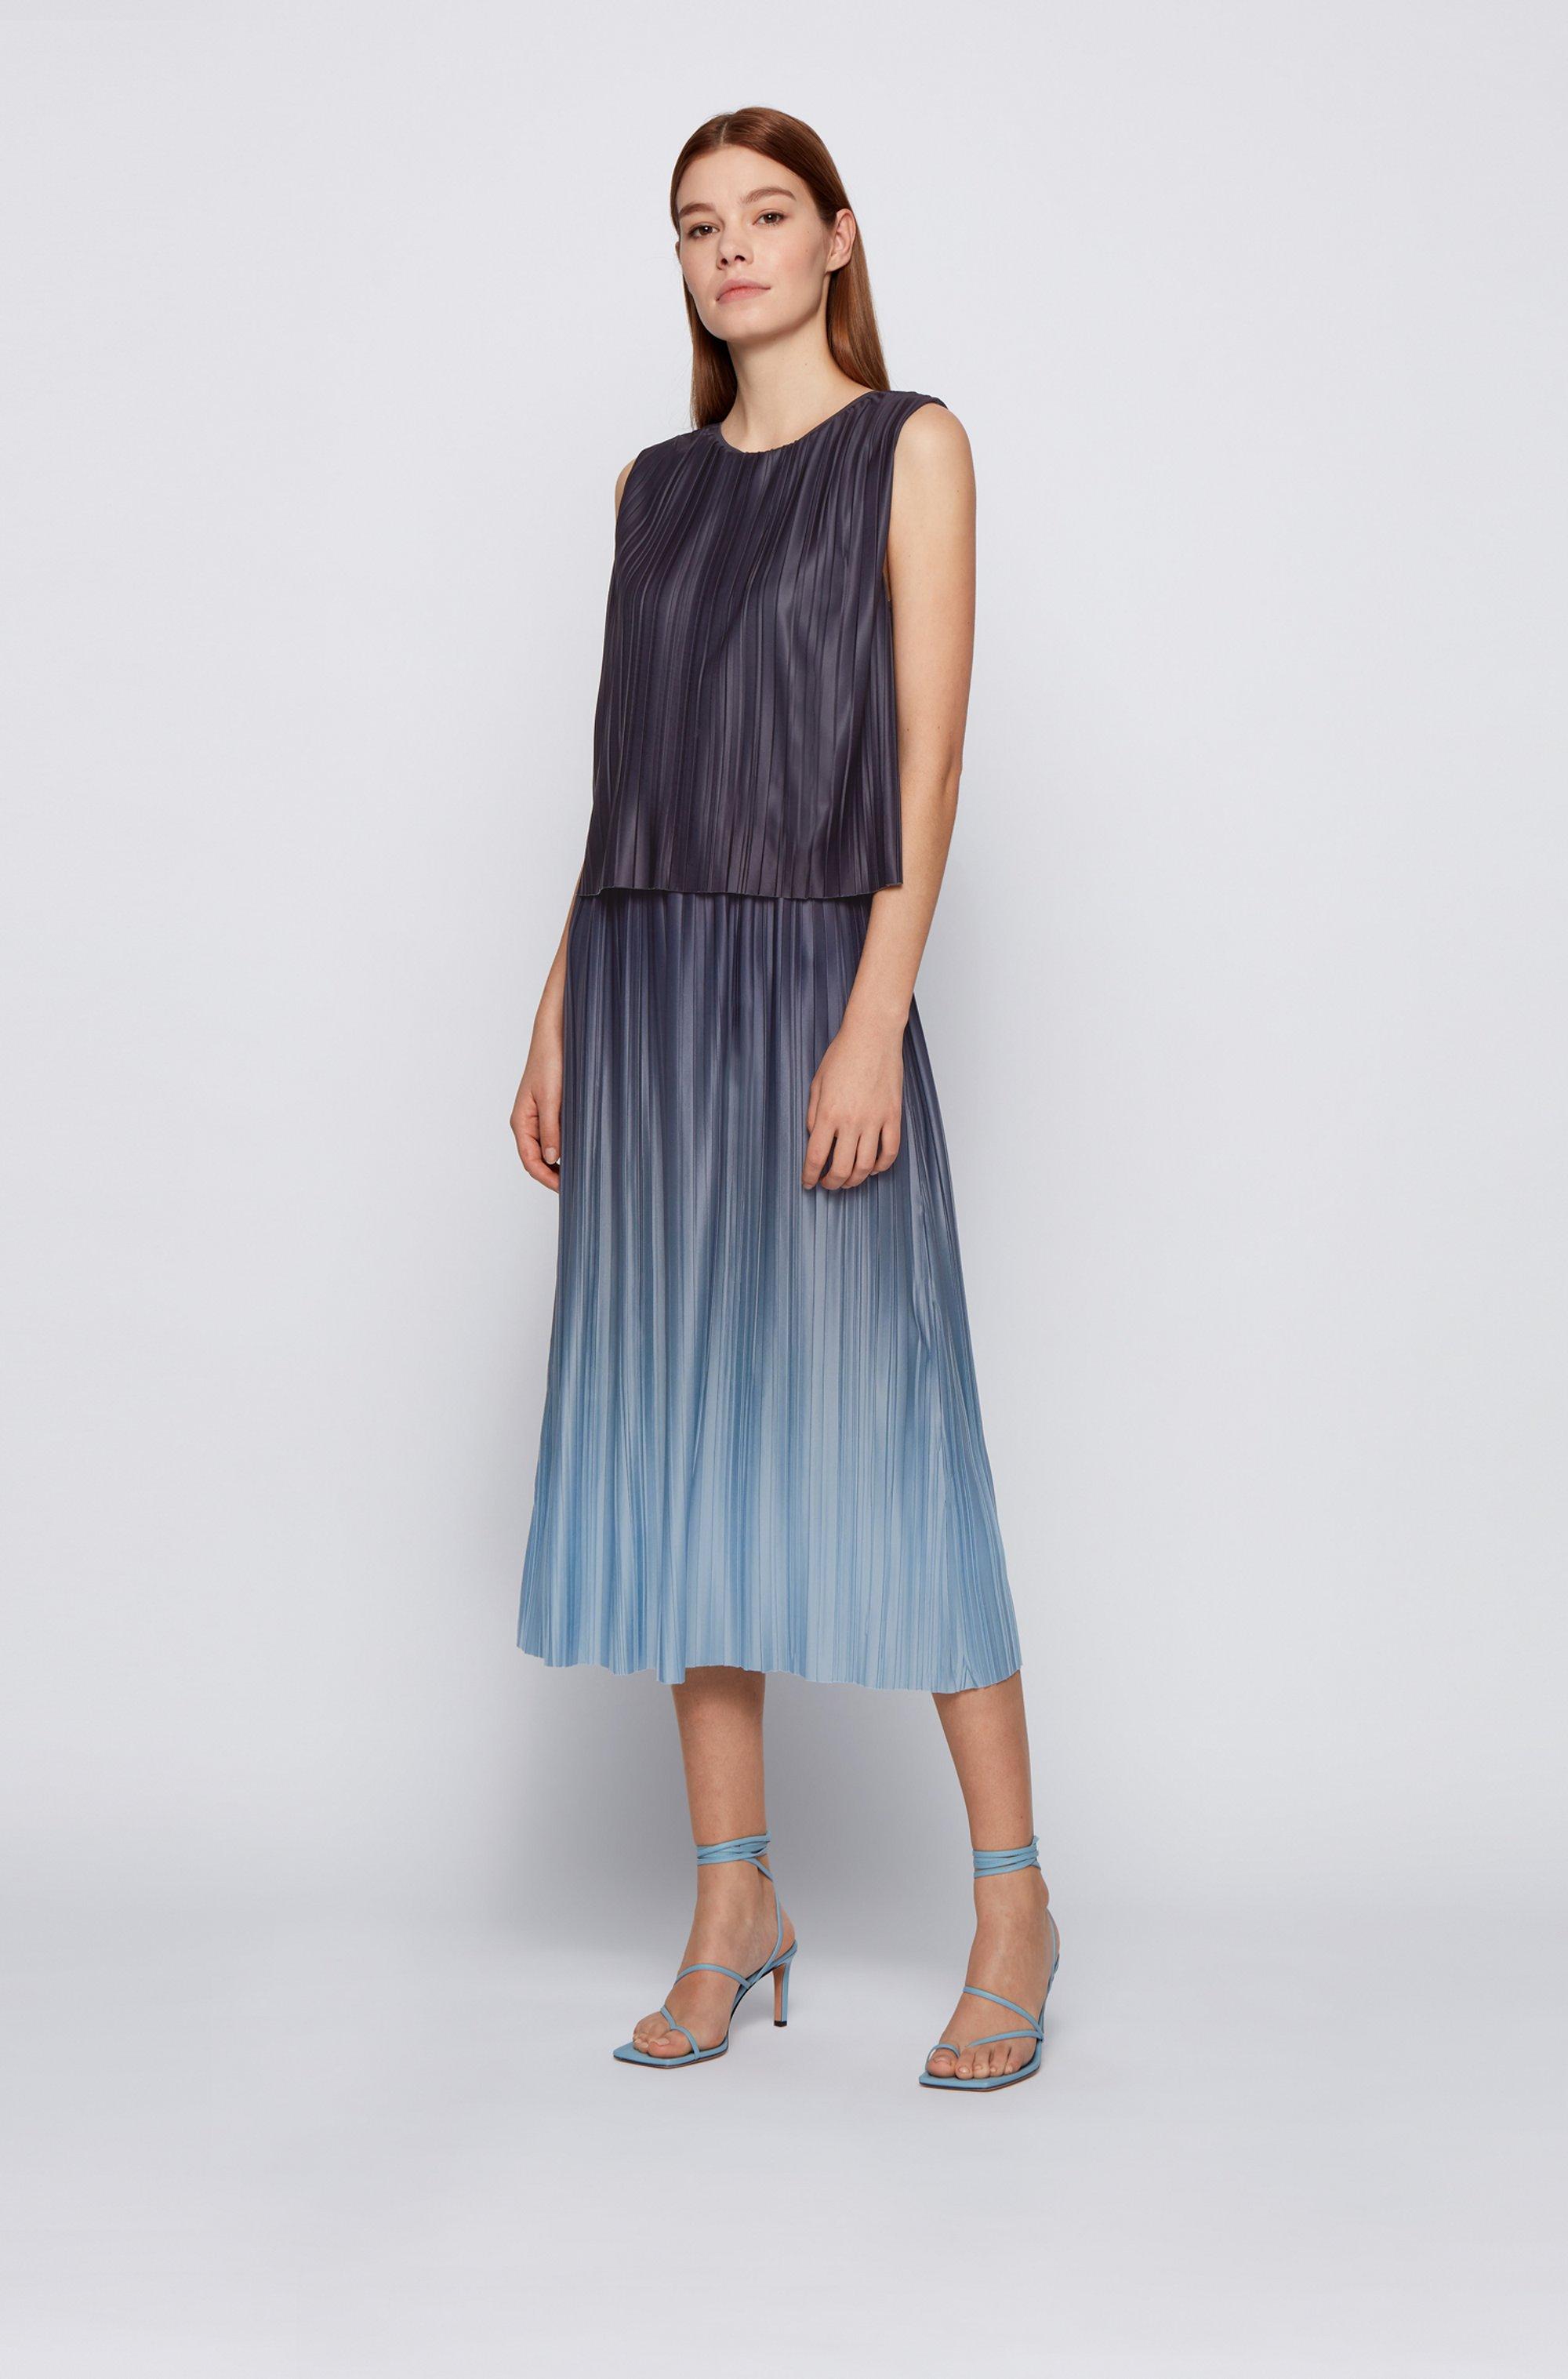 Mehrlagiges Kleid aus italienischem Plissee-Gewebe mit Dégradé-Effekt